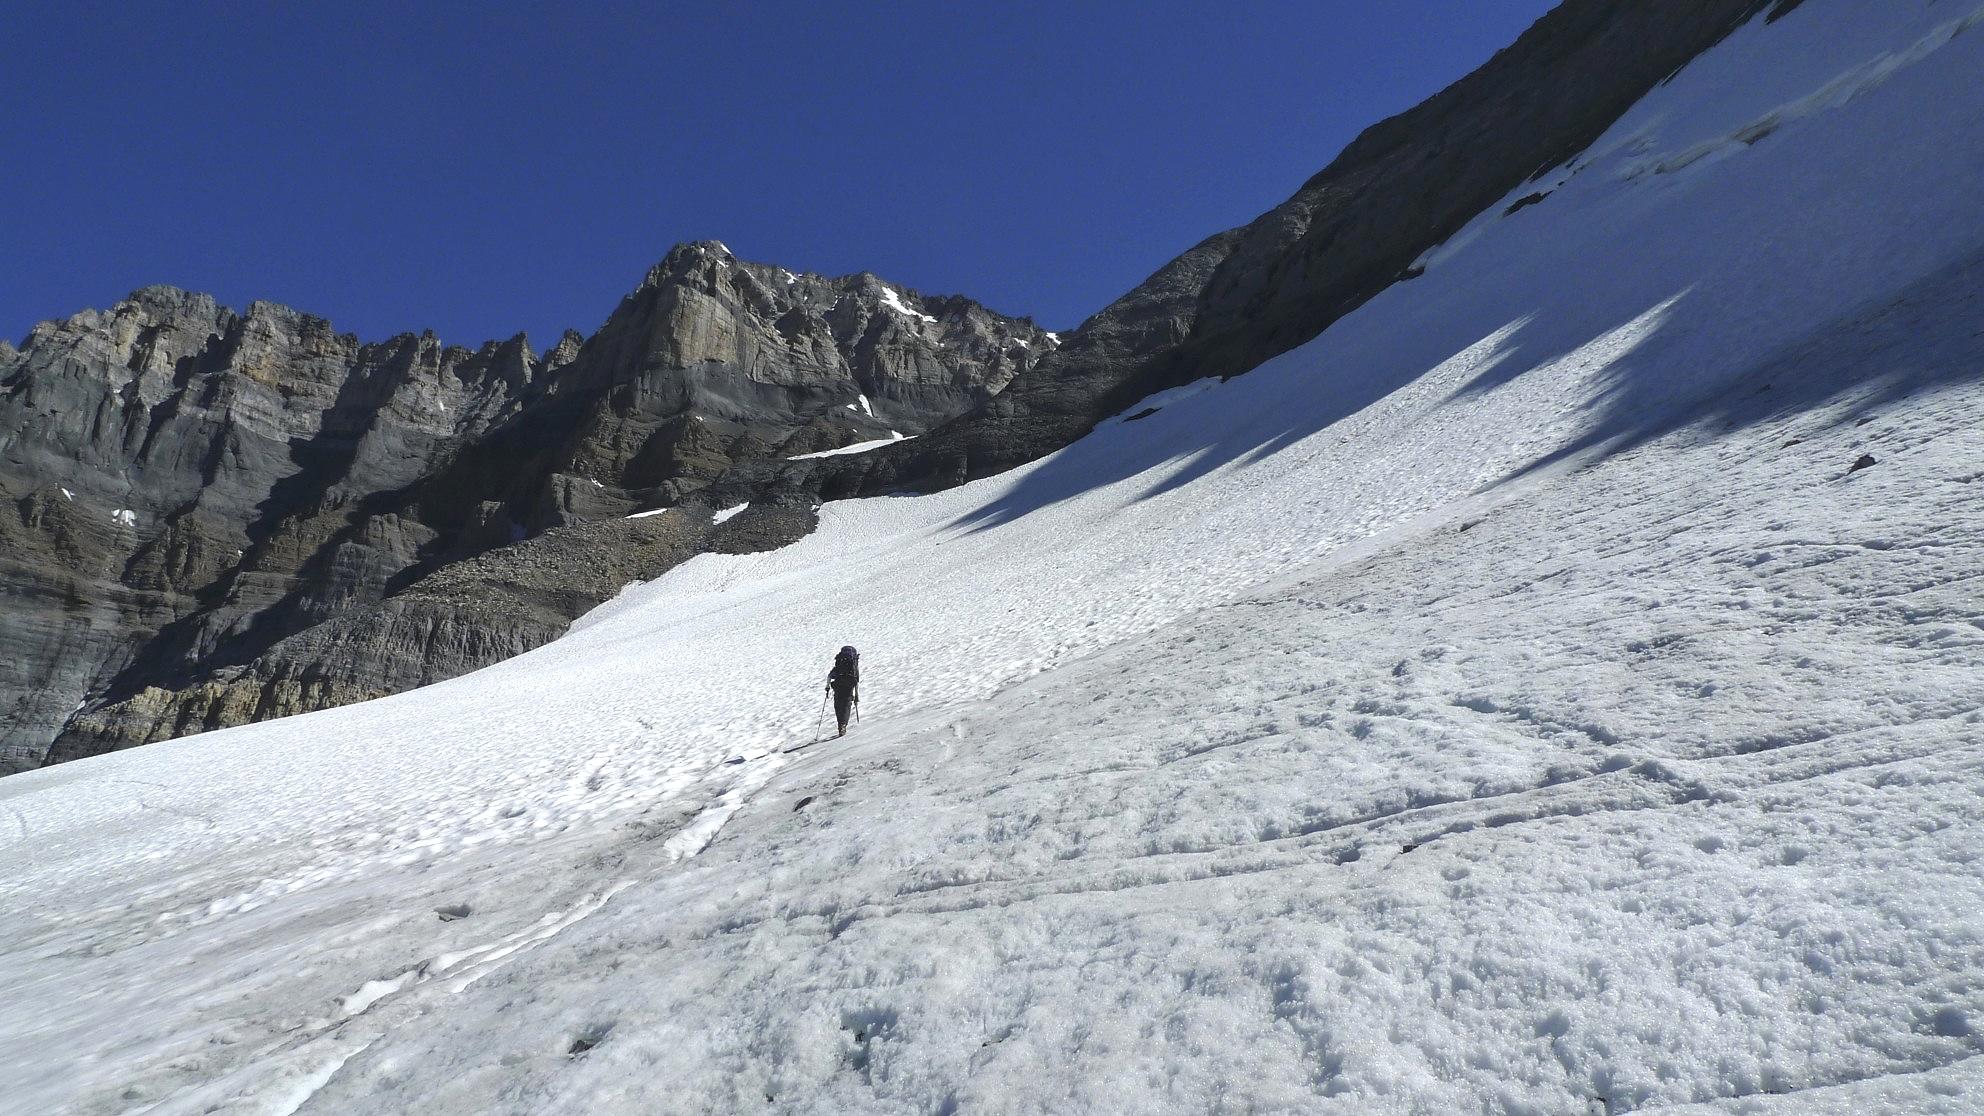 Huber/Victoria Glacier